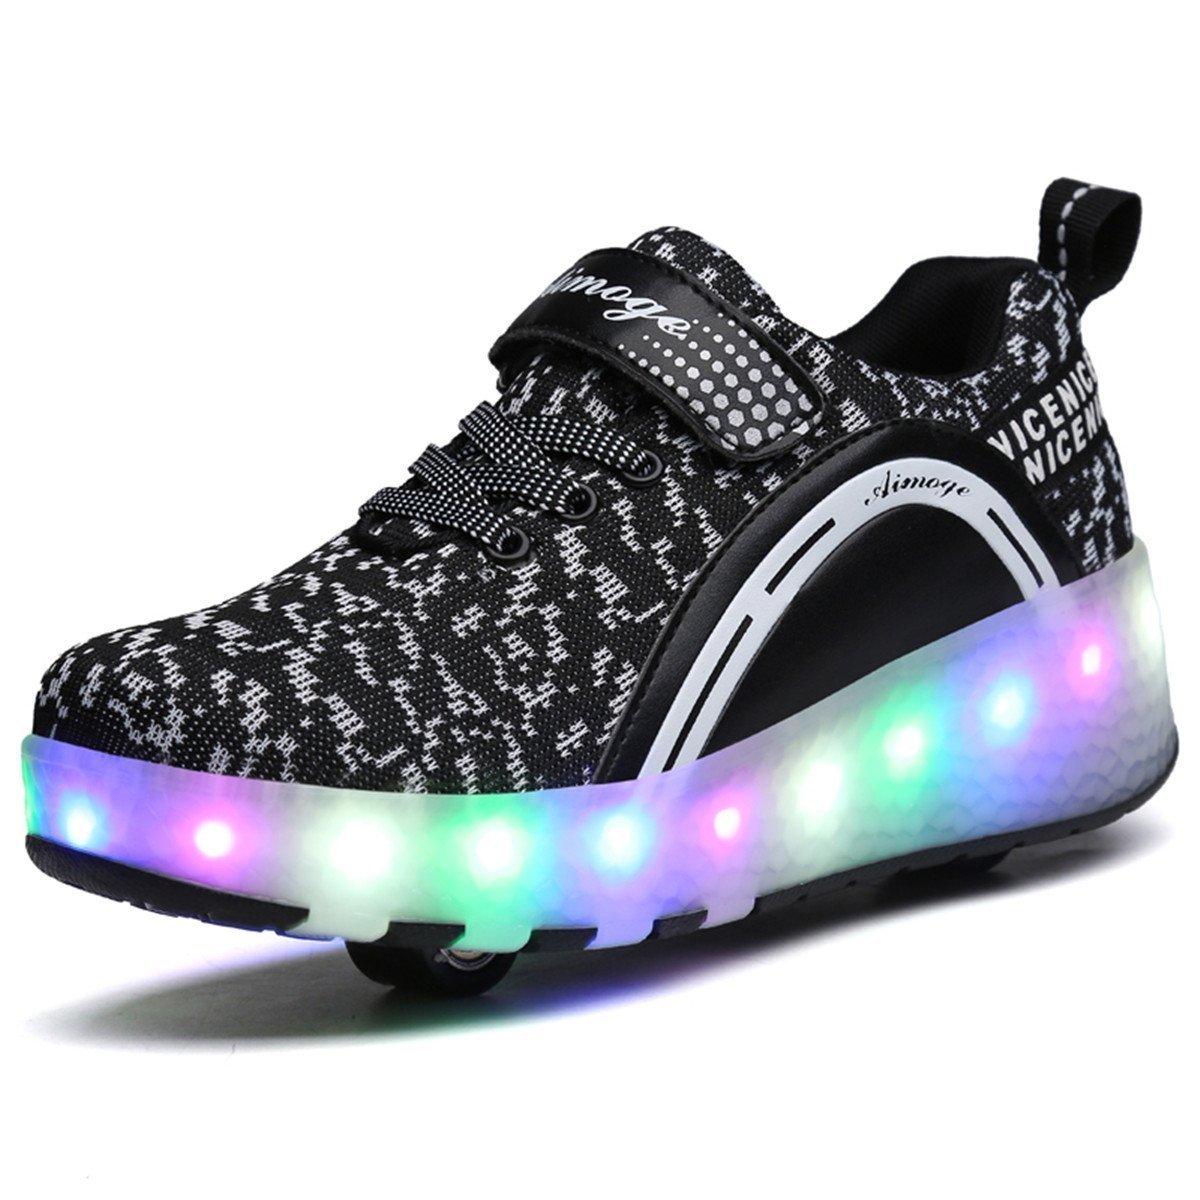 Children 's two - round luminous burst shoes colorful LED light shoes Black 35/4 B(M) US Women / 3 D(M) US Men